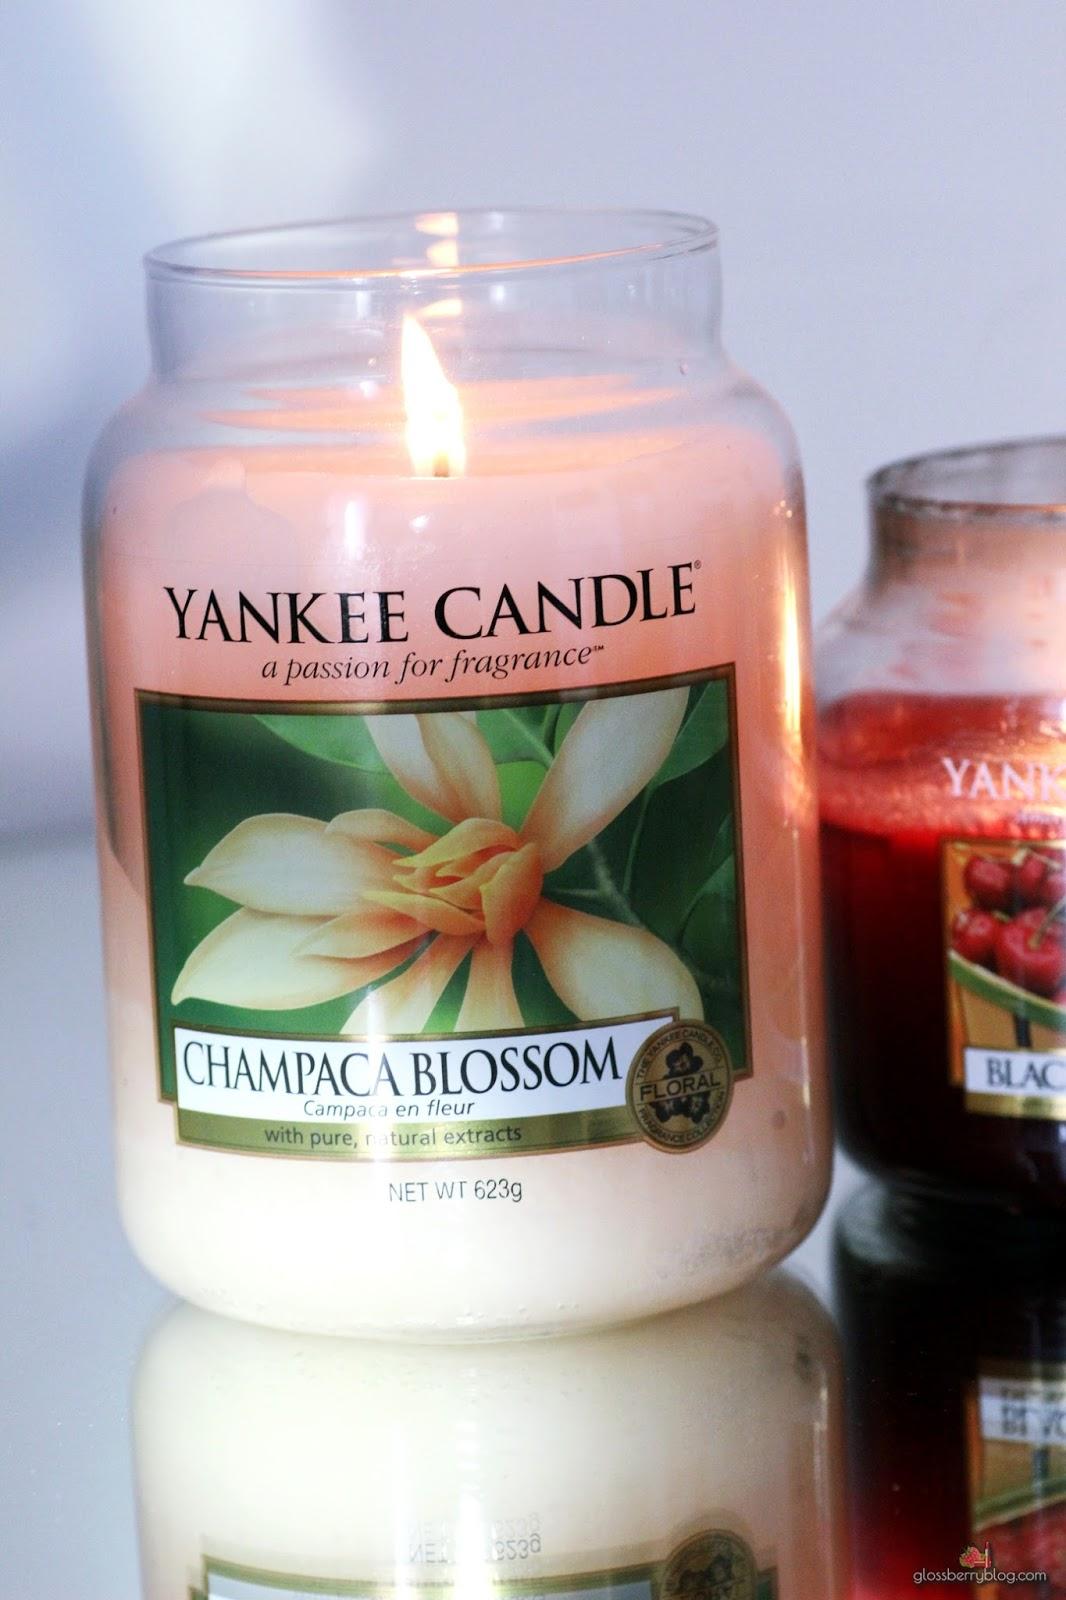 yankee candles review champaca blossom plum נרות יאנקי סקירה ינקי ביקורת ריחות גלוסברי בלוג איפור וטיפוח